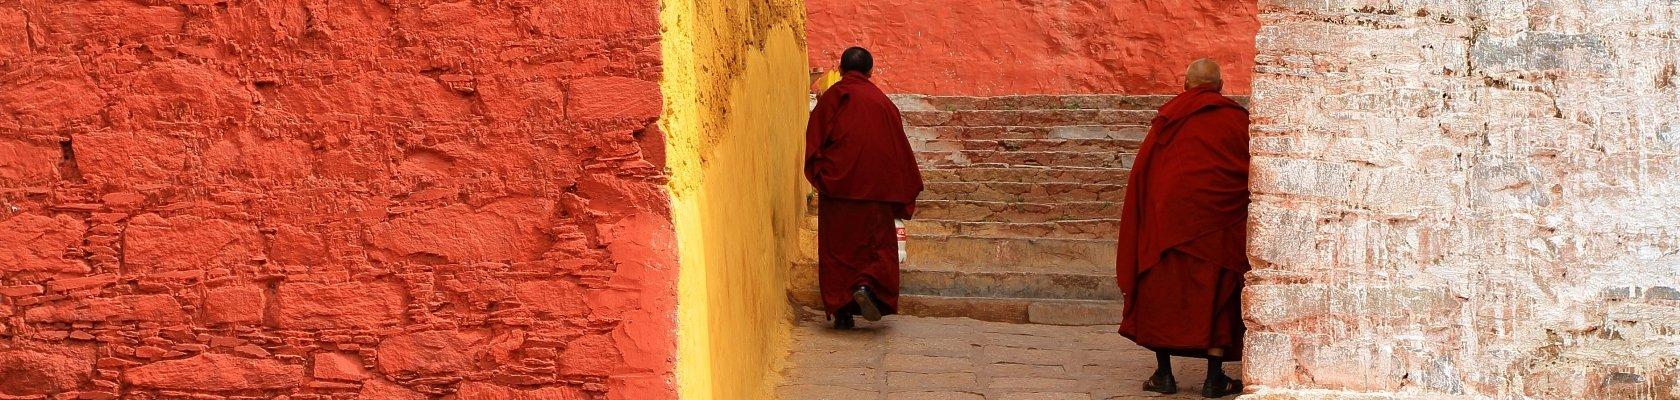 Monniken in Tibet